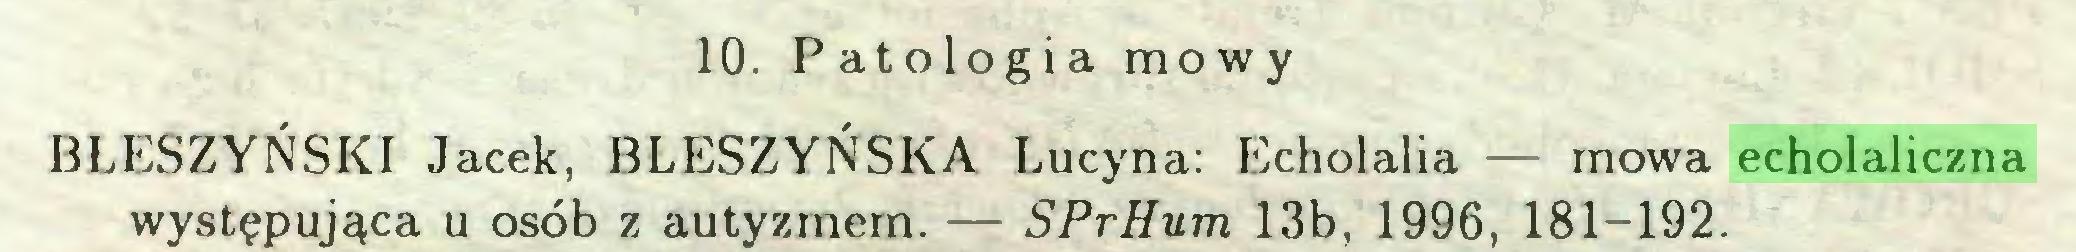 (...) 10. Patologia mowy BŁESZYŃSKI Jacek, BLESZYŃSKA Lucyna: Echolalia — mowa echolaliczna występująca u osób z autyzmem. — SPrHum 13b, 1996, 181-192...